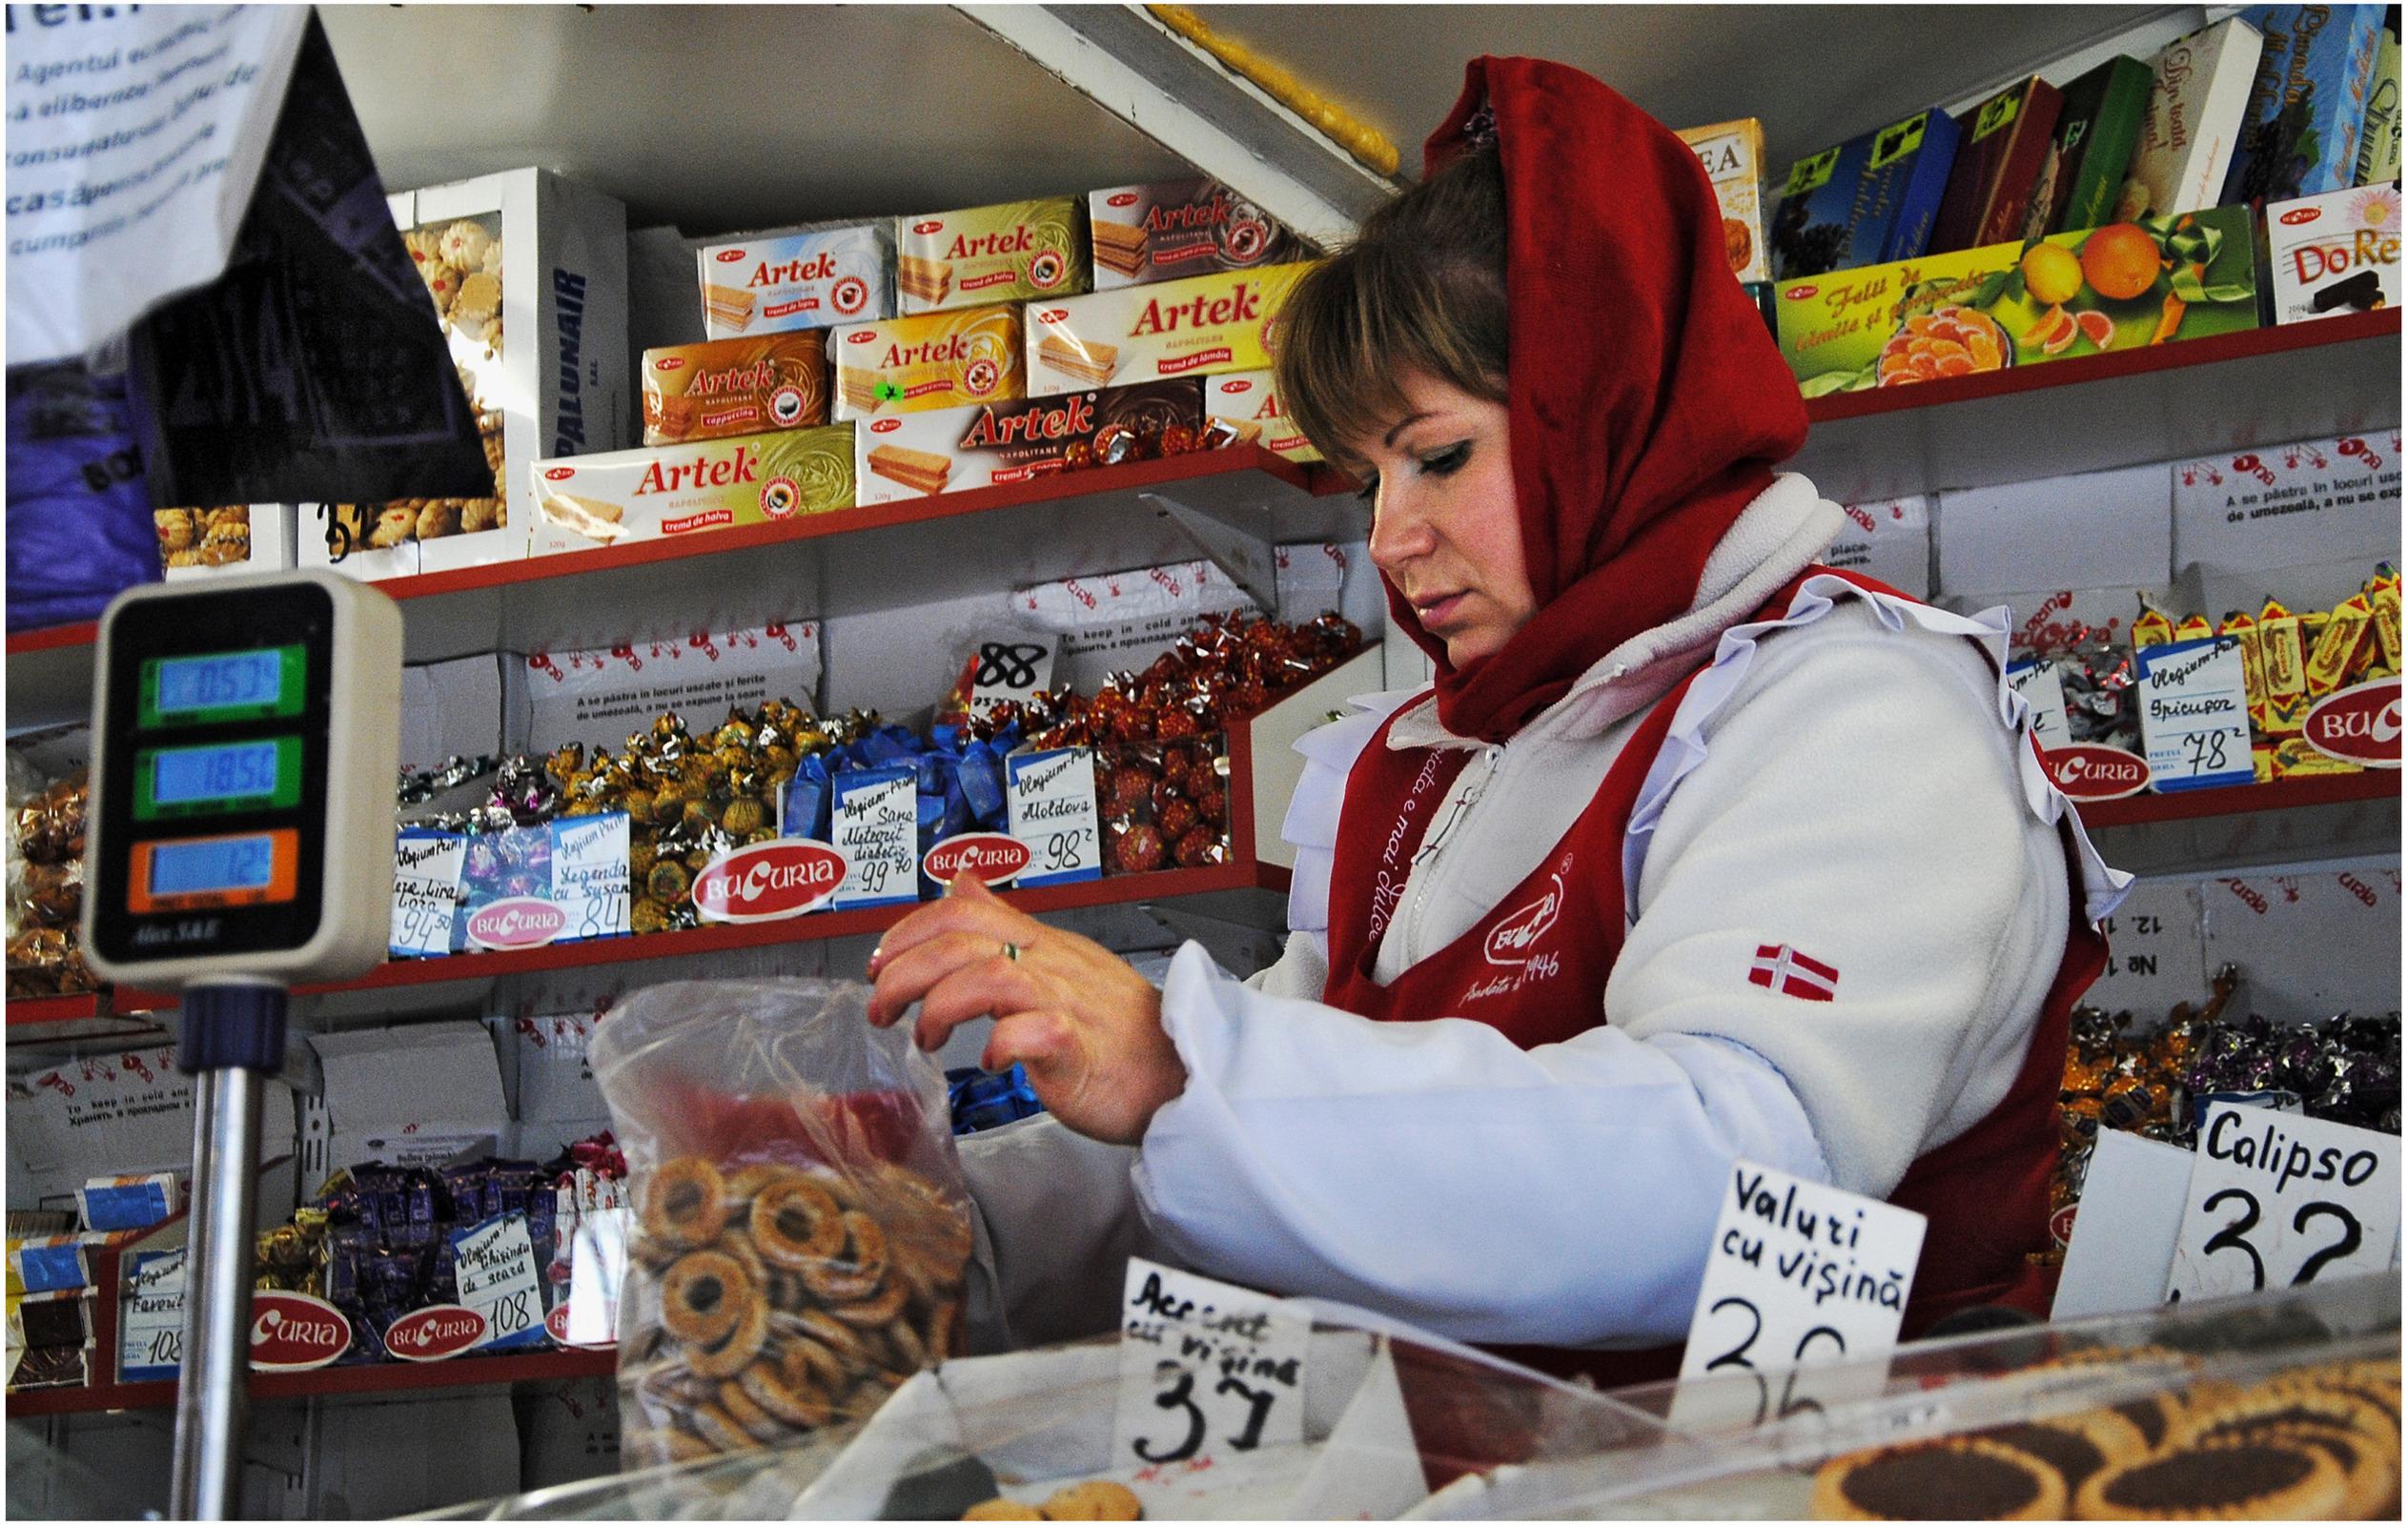 Трахнул продавщицу в магазине, С продавщицей - бесплатное порно онлайн 26 фотография